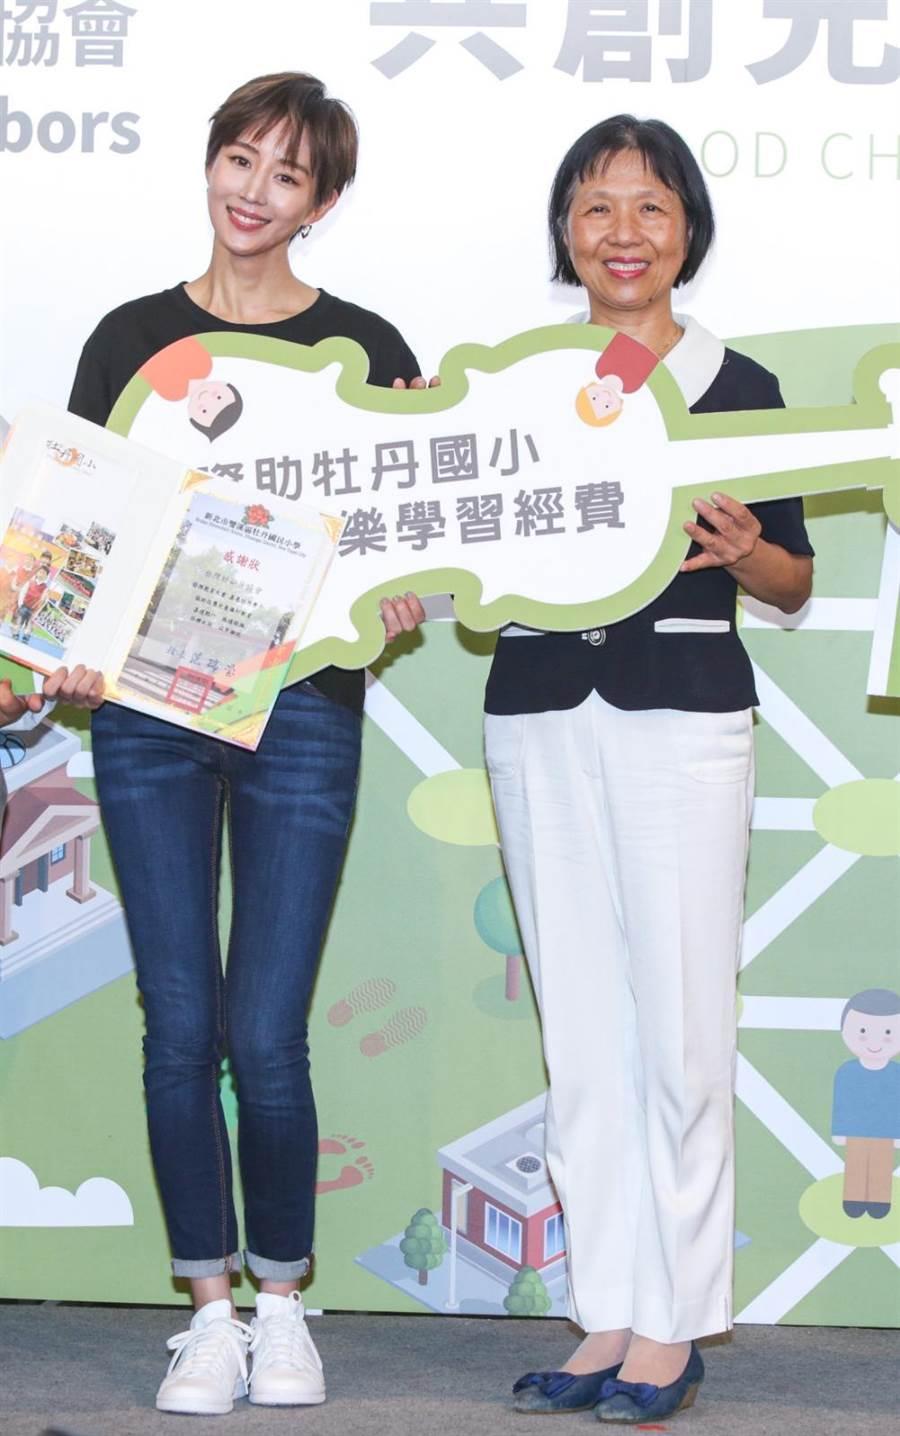 張鈞甯2日出席公益活動。(吳松翰攝)